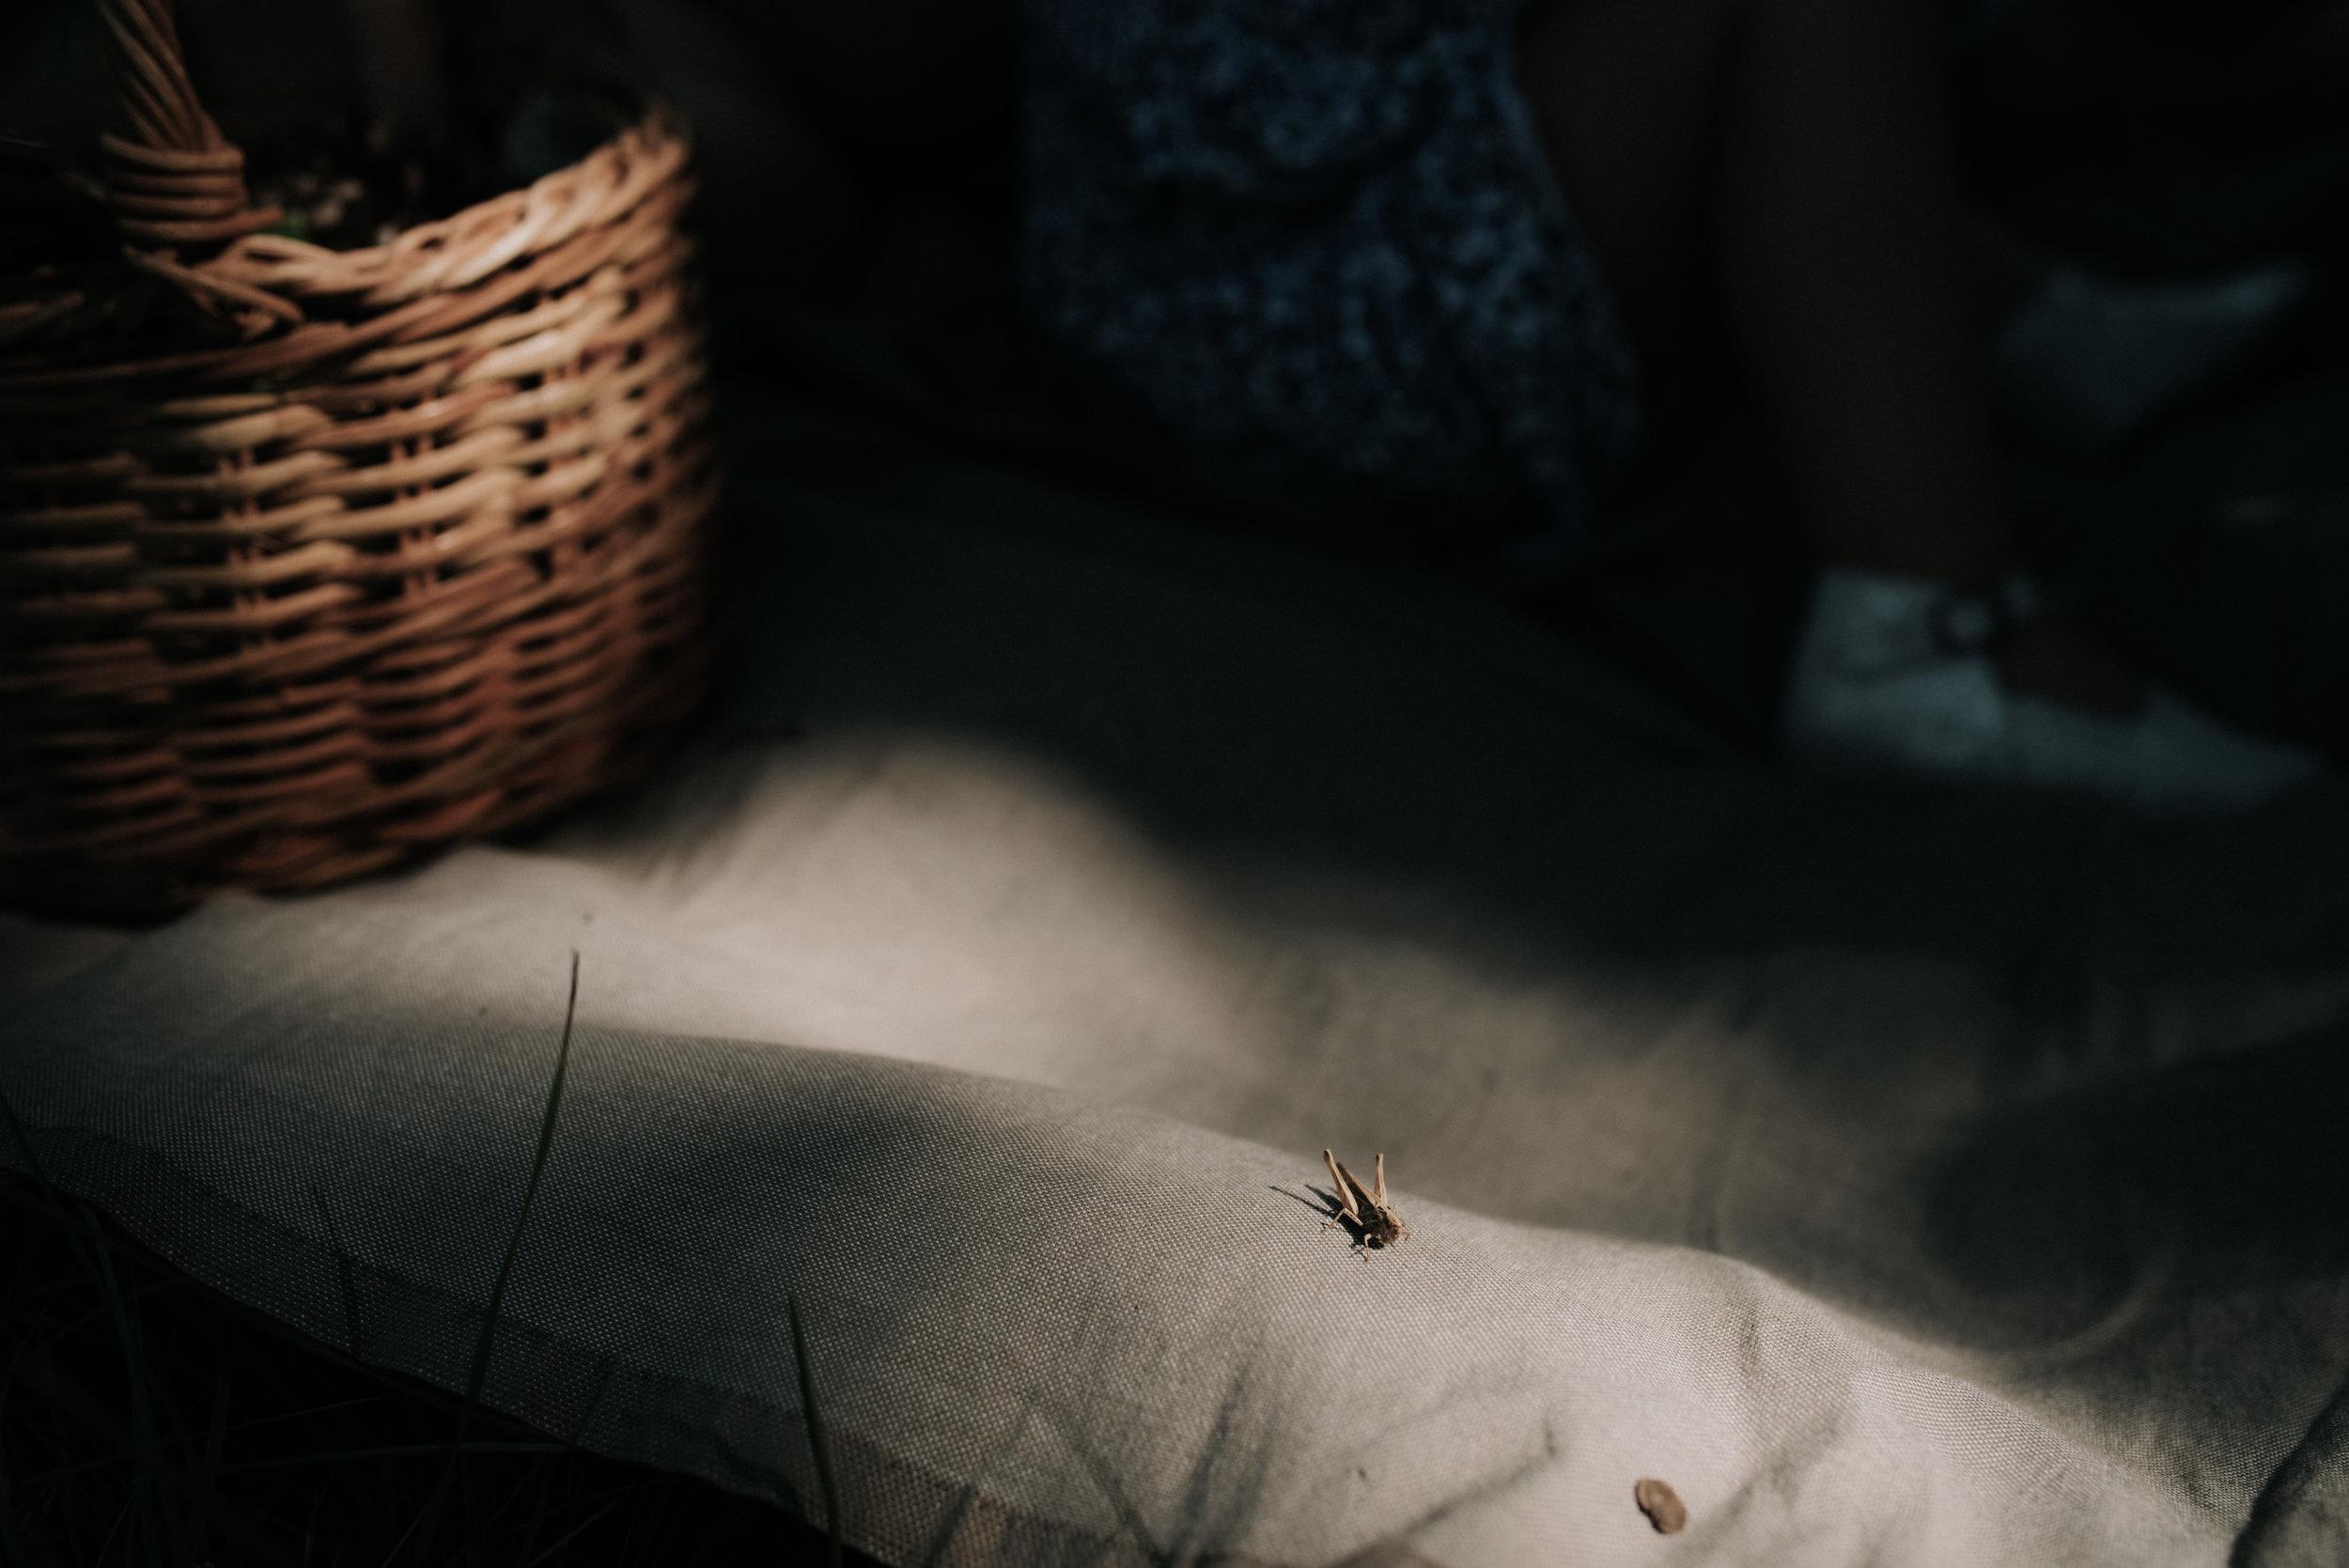 Léa-Fery-photographe-professionnel-lyon-rhone-alpes-portrait-creation-mariage-evenement-evenementiel-famille-4689.jpg